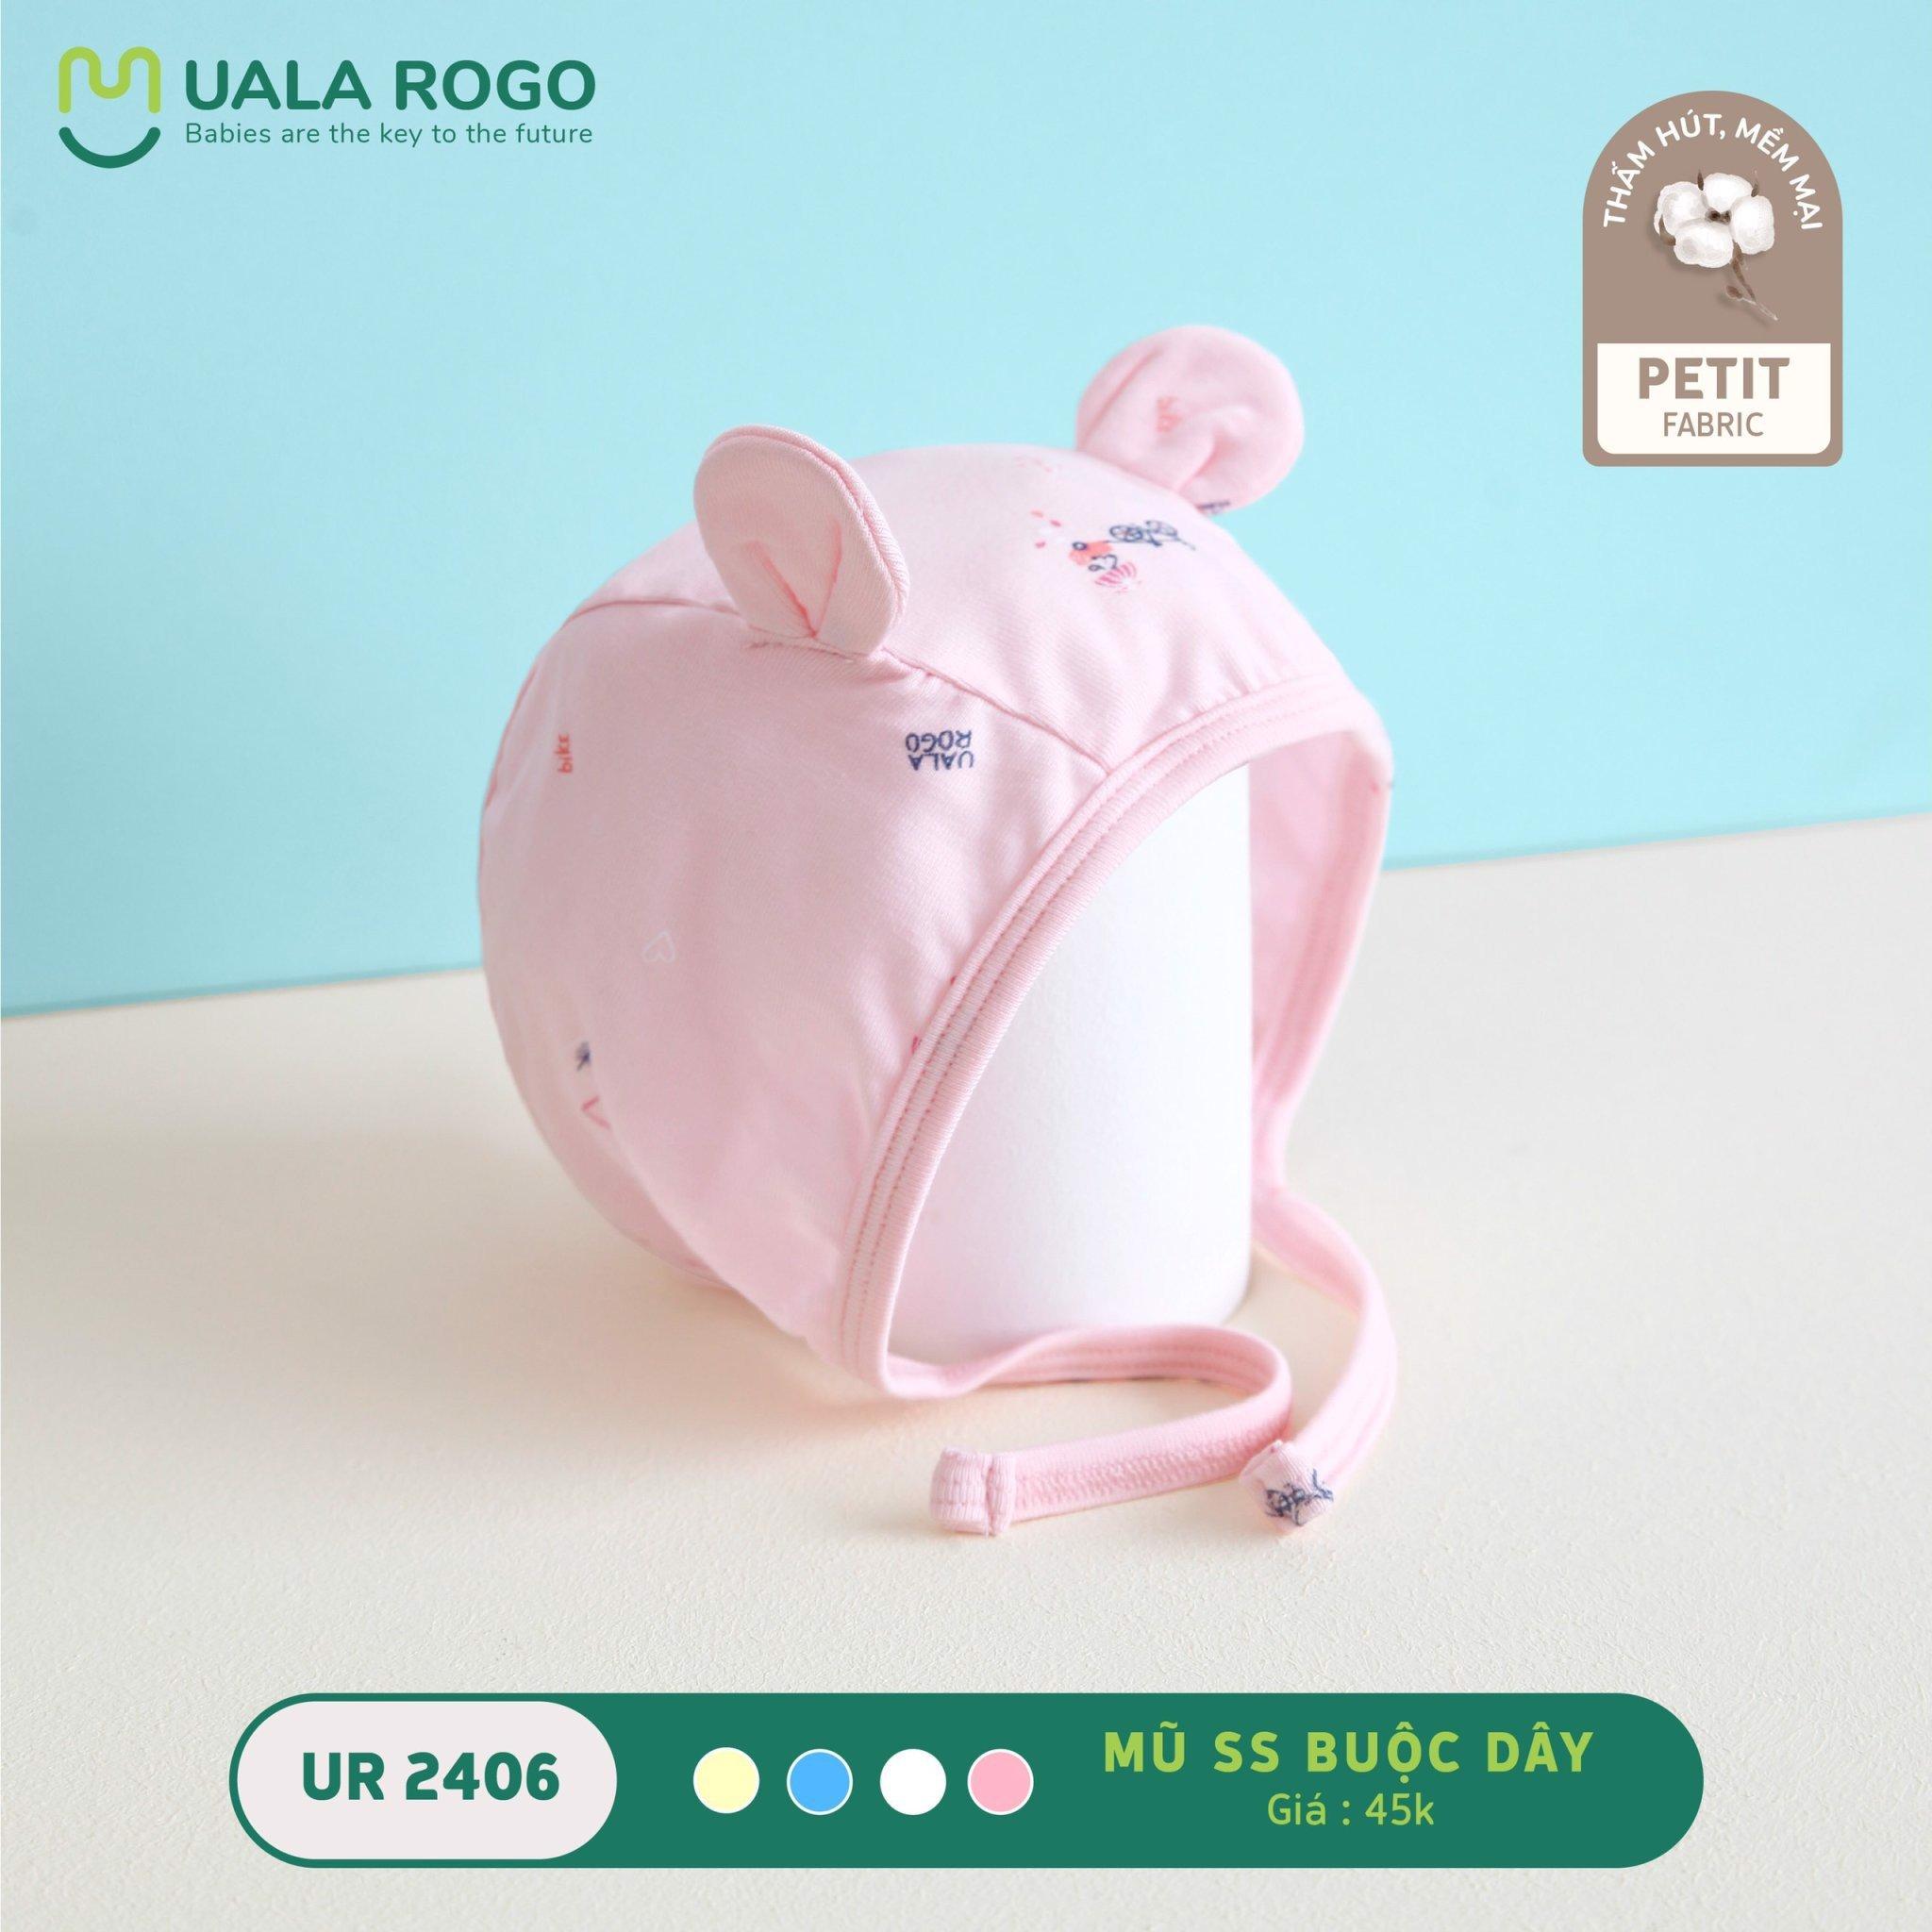 Mũ sơ sinh tai thỏ buộc dây Ualarogo - UR2406